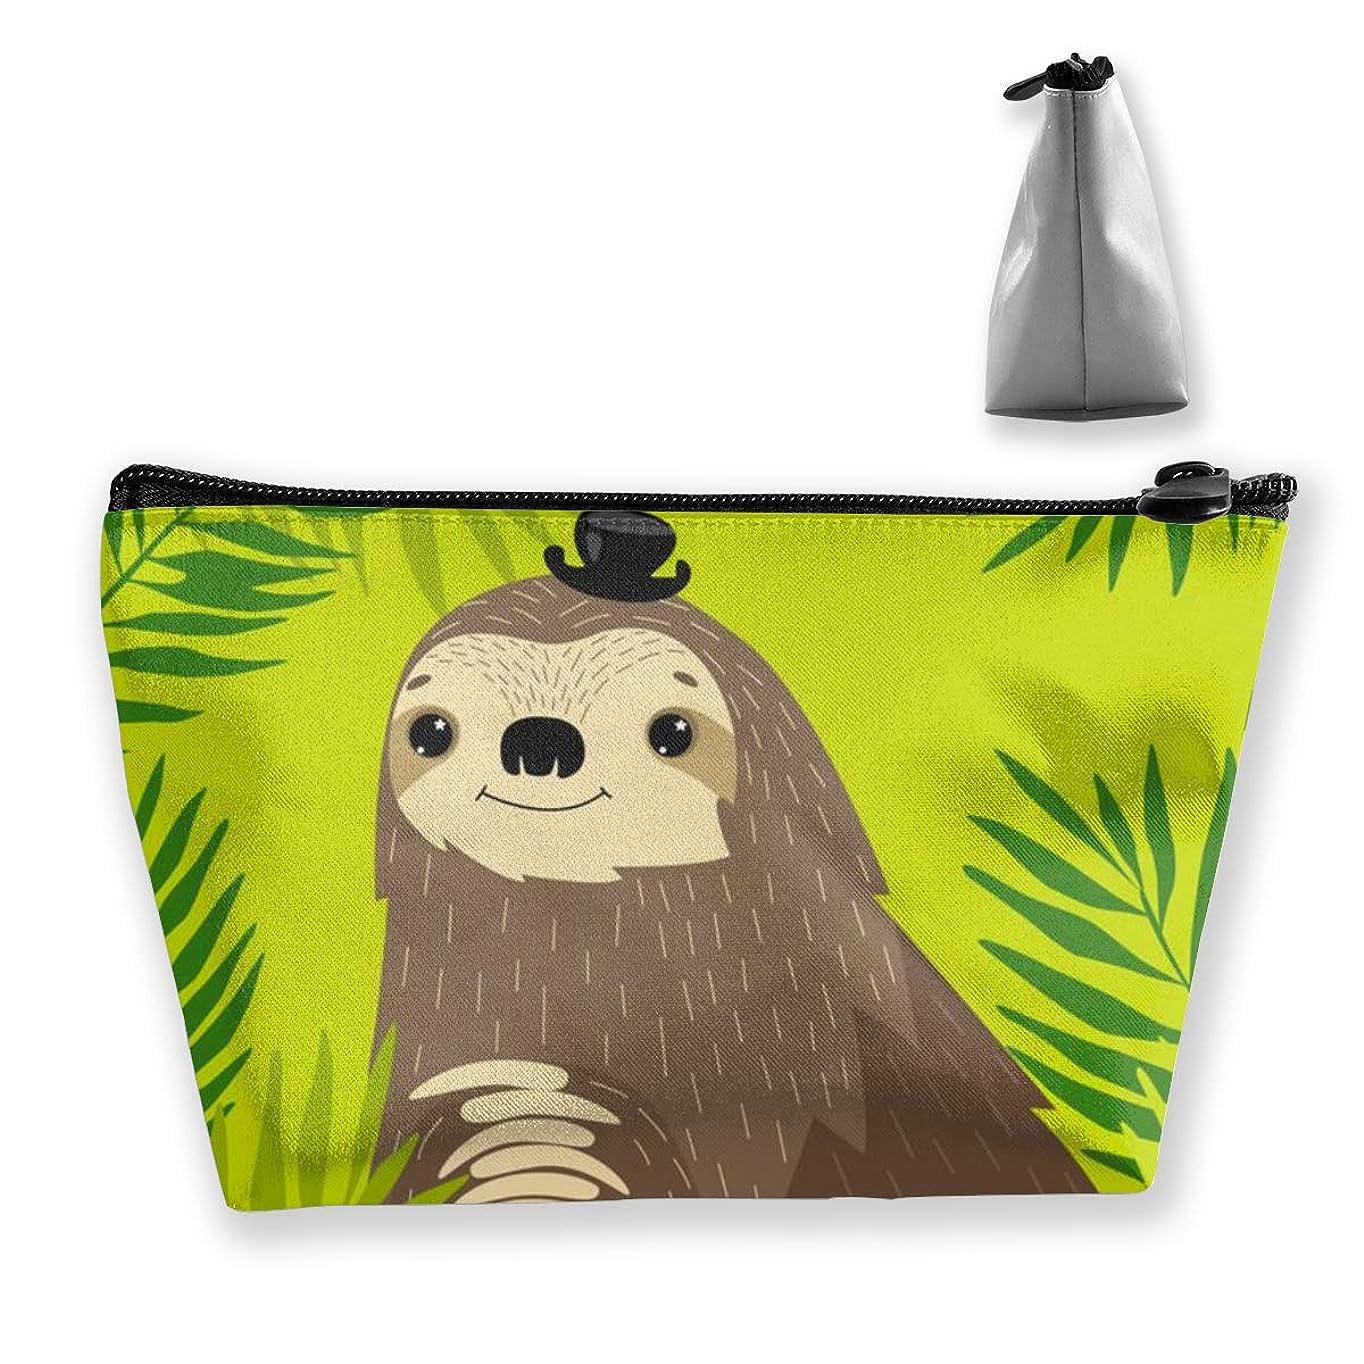 ピクニックグリルパールトロピカルパームナマケモノ ペンケース文房具バッグ大容量ペンケース化粧品袋収納袋男の子と女の子多機能浴室シャワーバッグ旅行ポータブルストレージバッグ